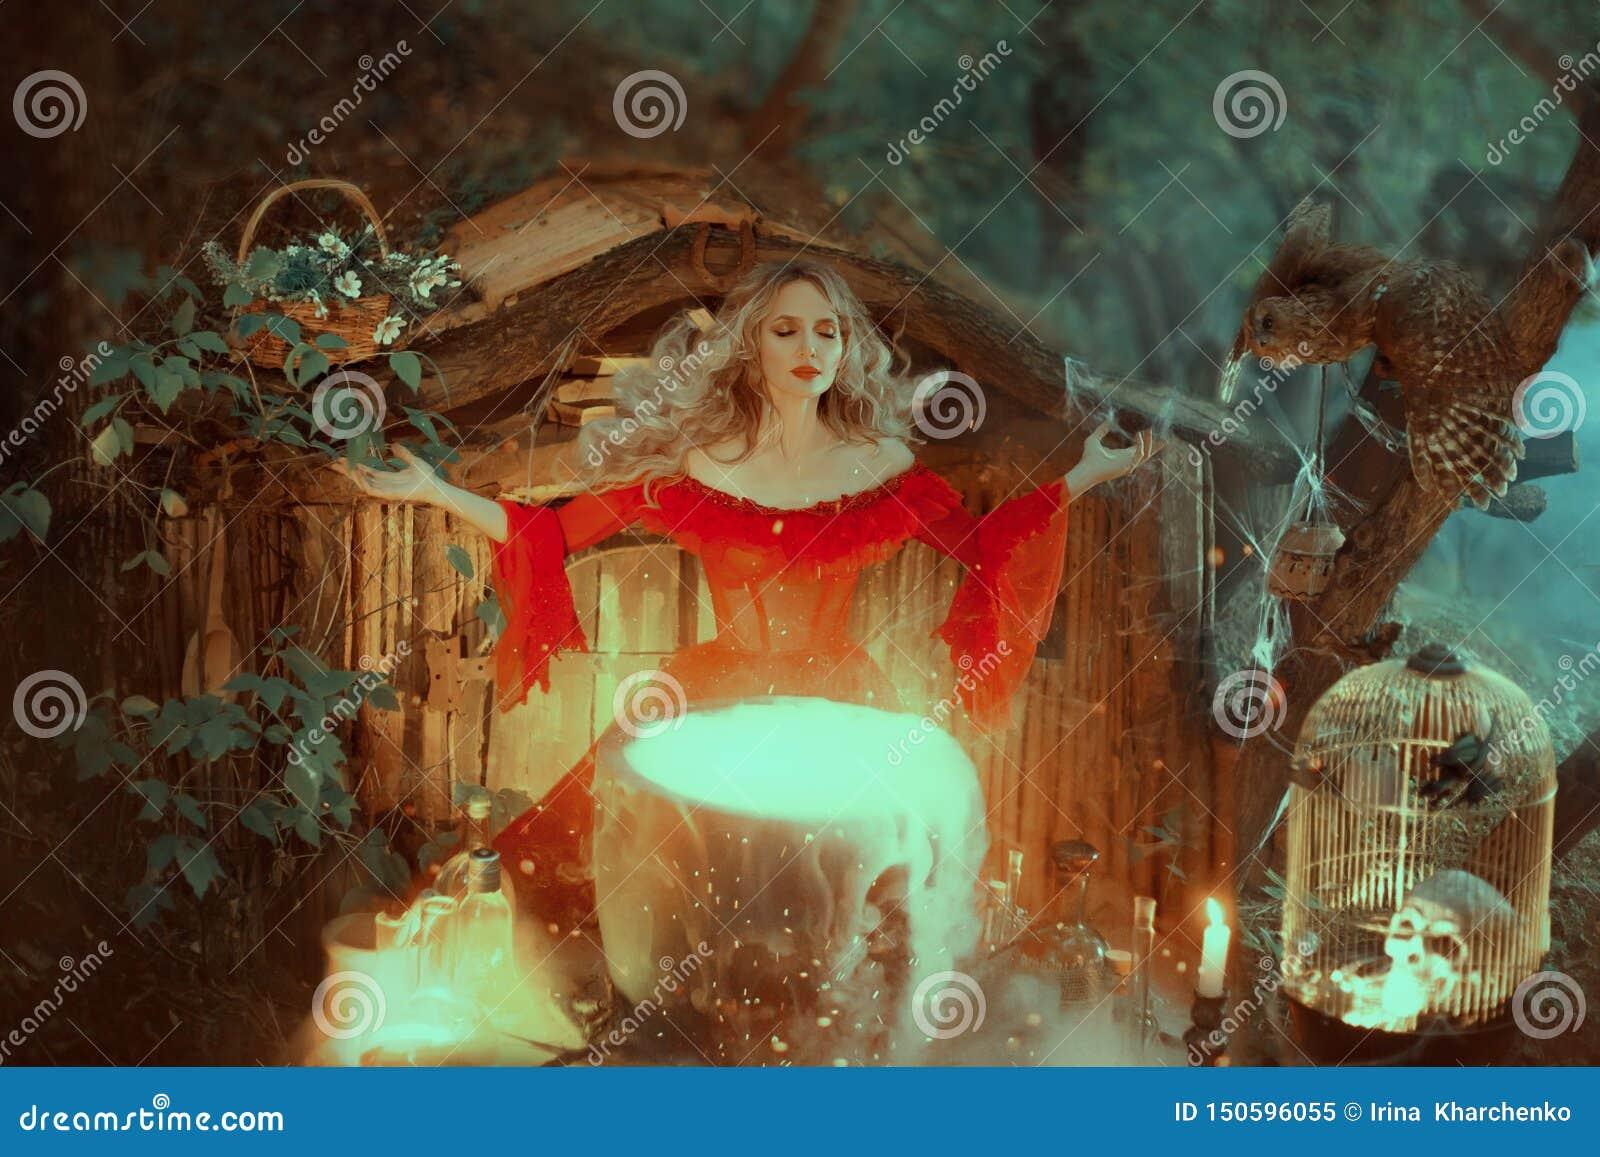 Η μάγισσα σε ένα κόκκινο φόρεμα με τους γυμνούς ώμους της μπαρόκ εποχής, προετοιμάζει ένα δηλητήριο Η μάγισσα ζητά από τις δυνάμε